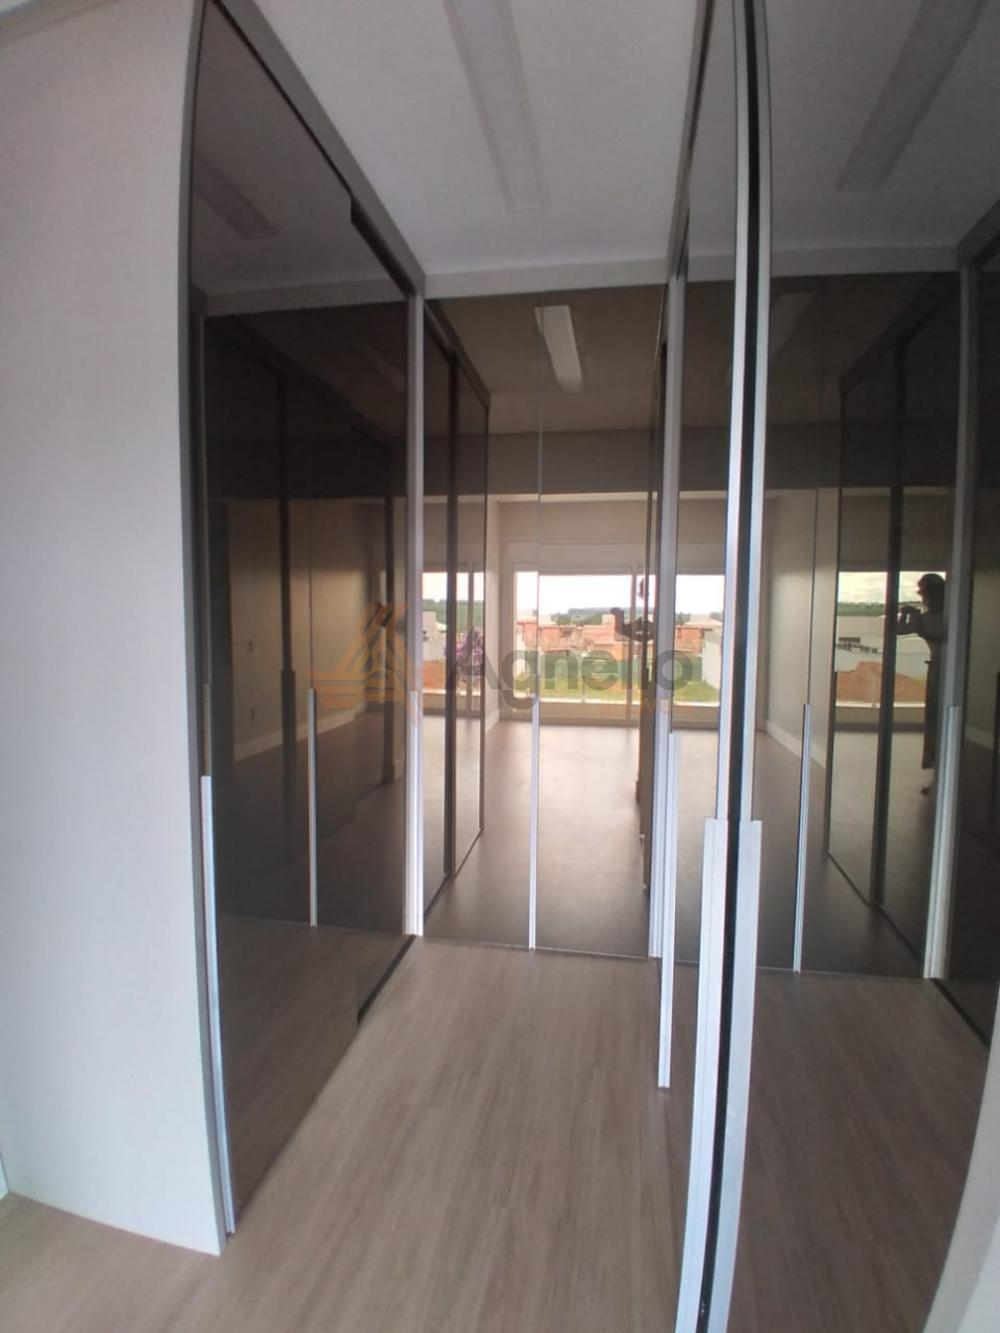 Comprar Casa / Condomínio em Franca apenas R$ 1.850.000,00 - Foto 16